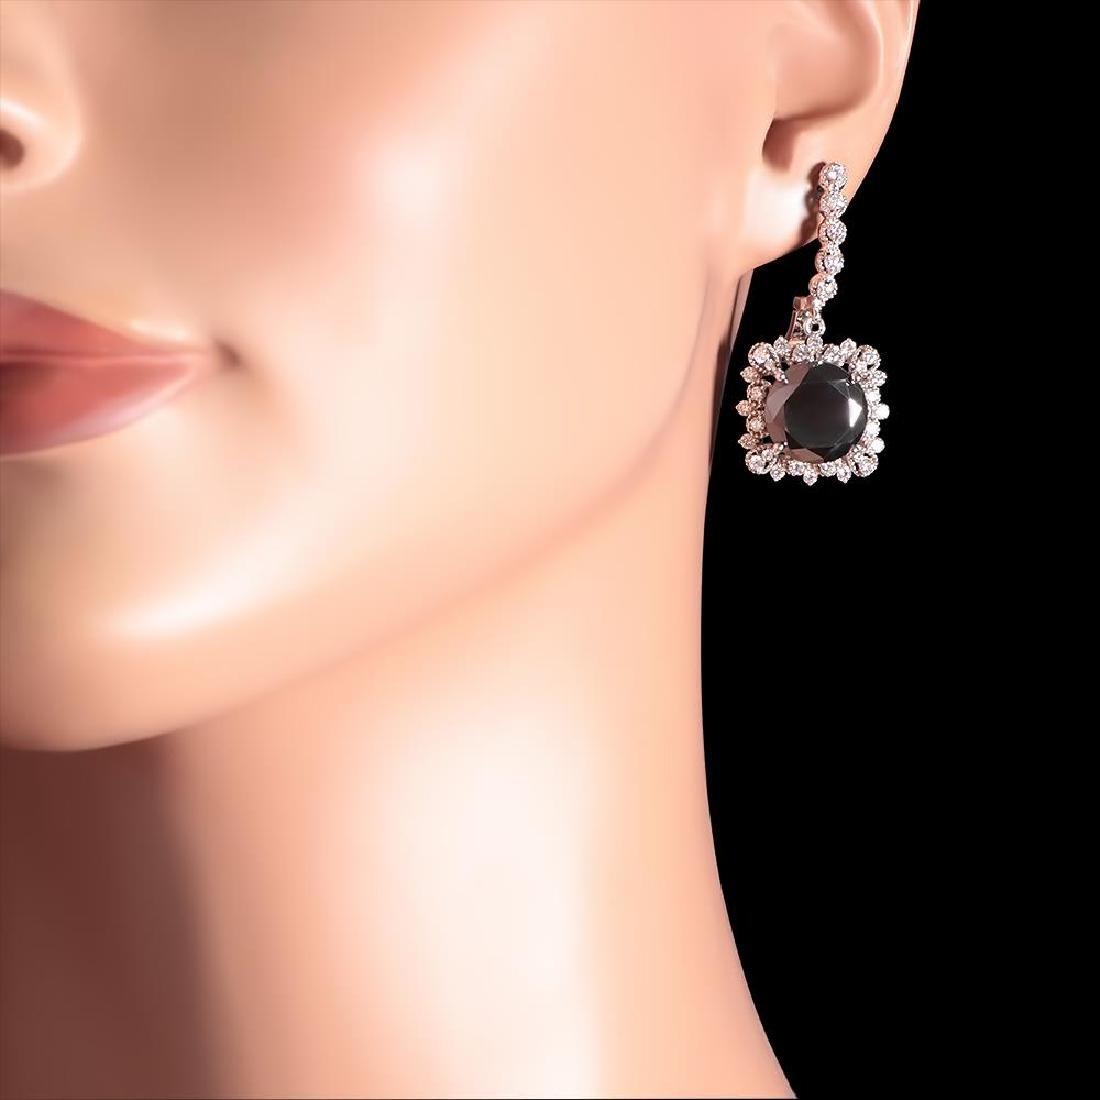 14k White Gold 13.88ct Diamond Earrings - 3